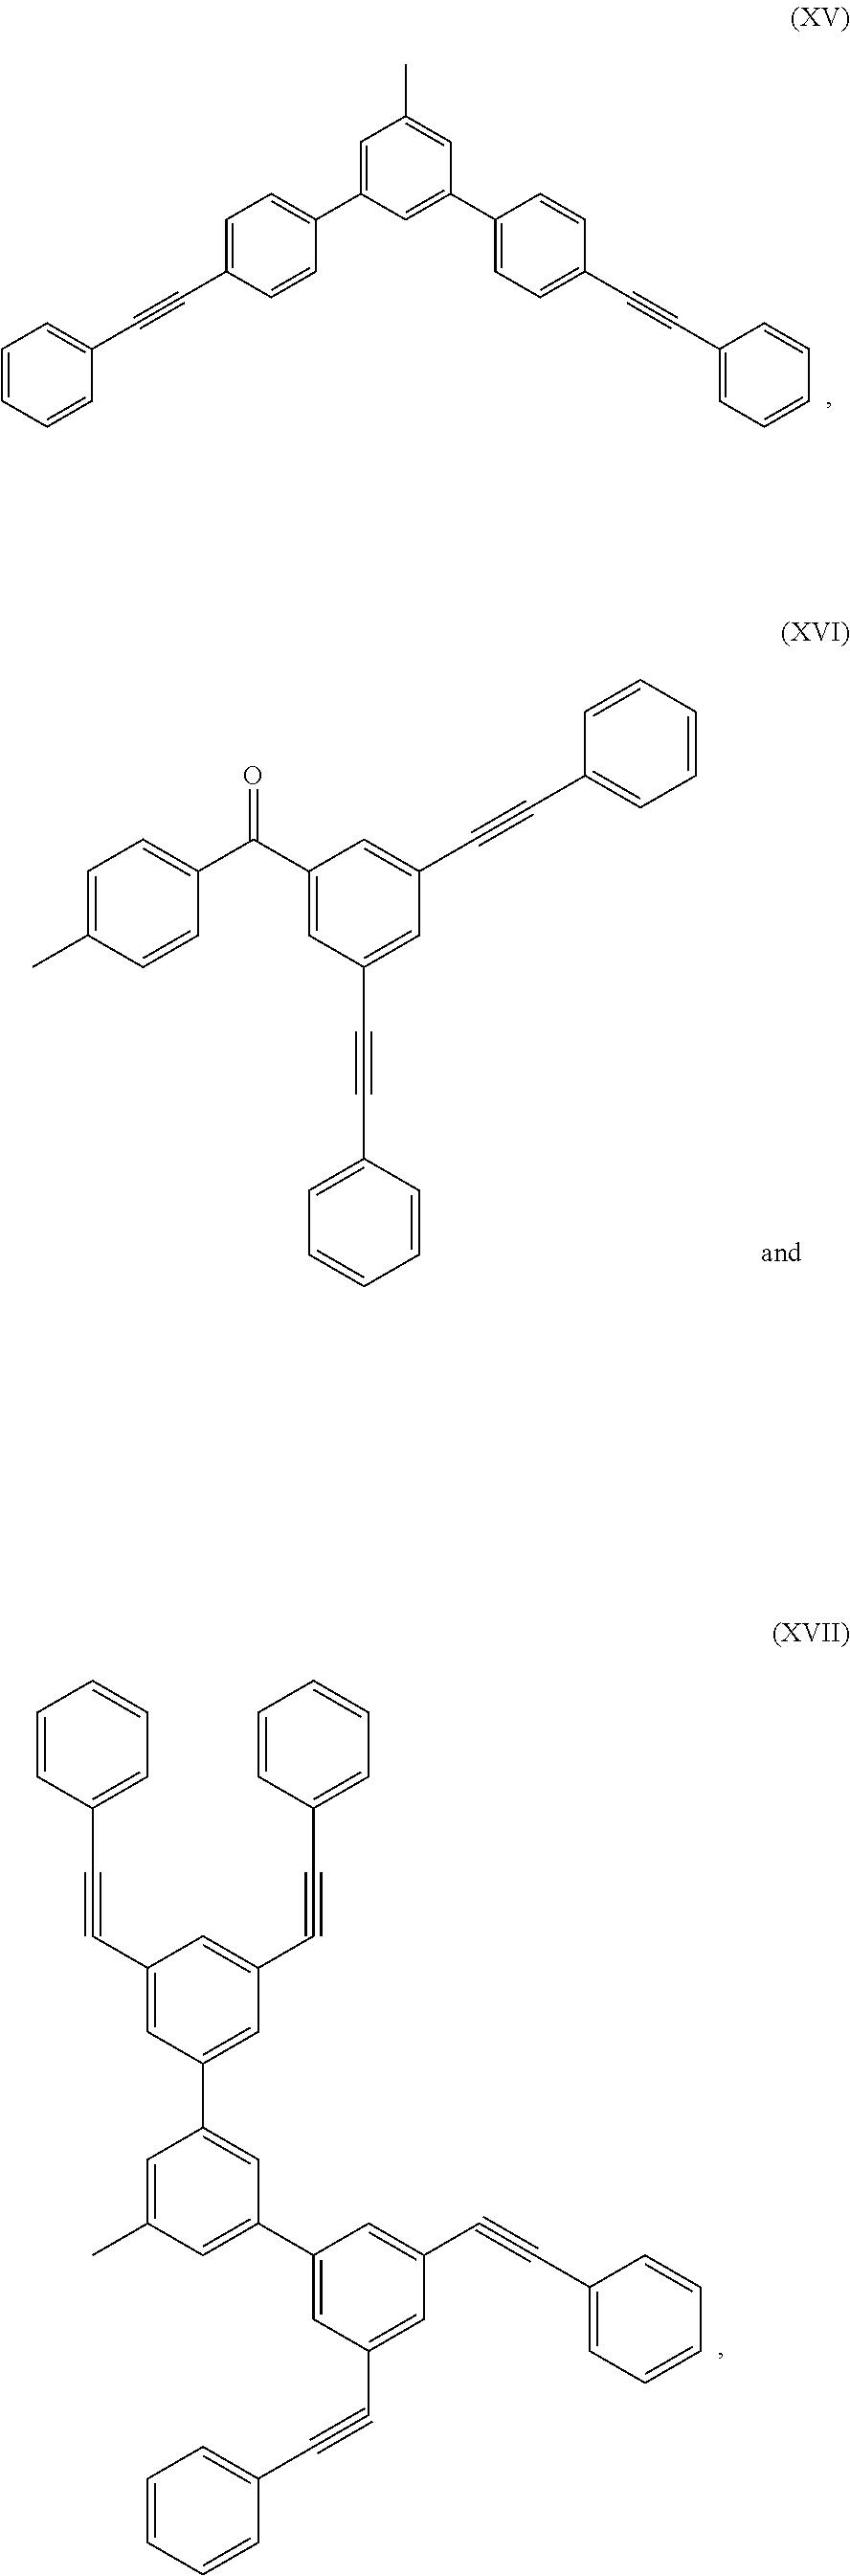 Figure US20110128840A1-20110602-C00004